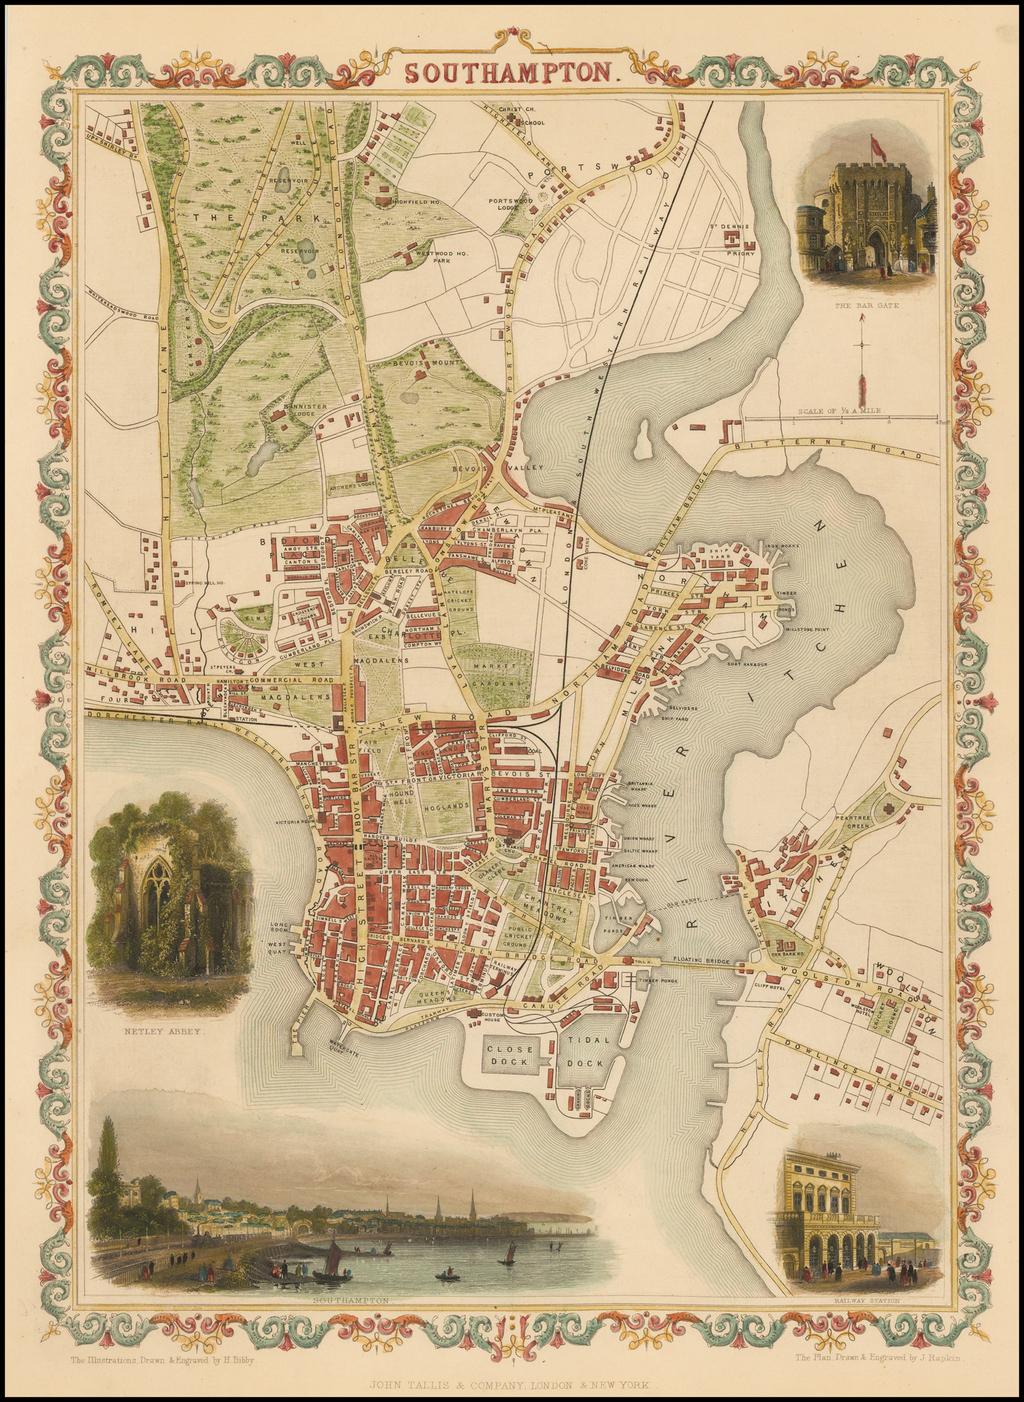 Southampton By John Tallis